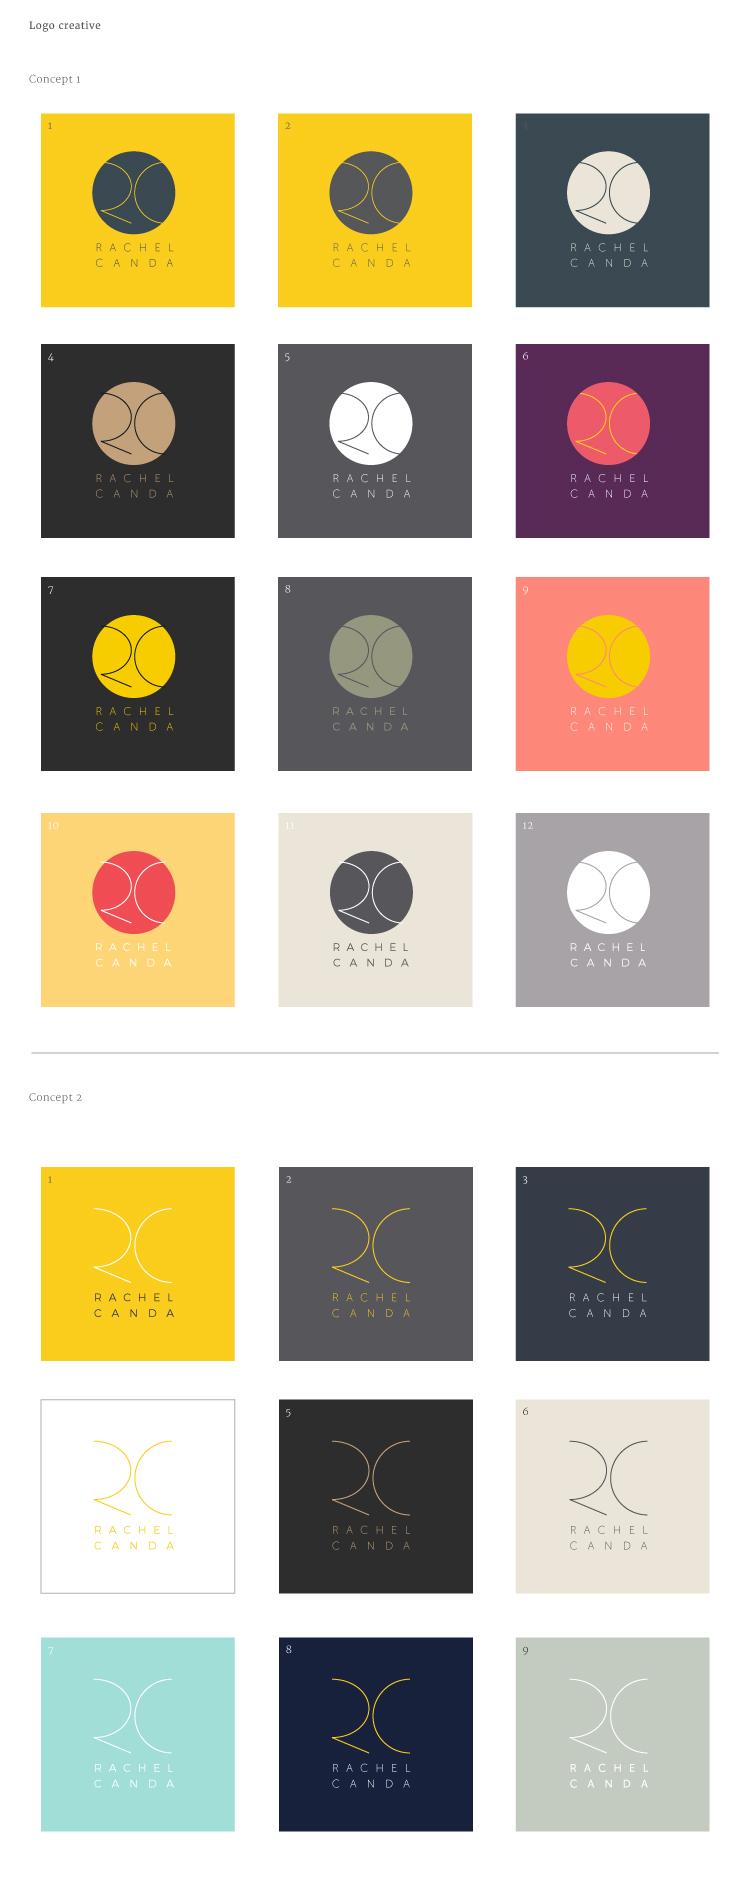 rachel_canda_logo_colour